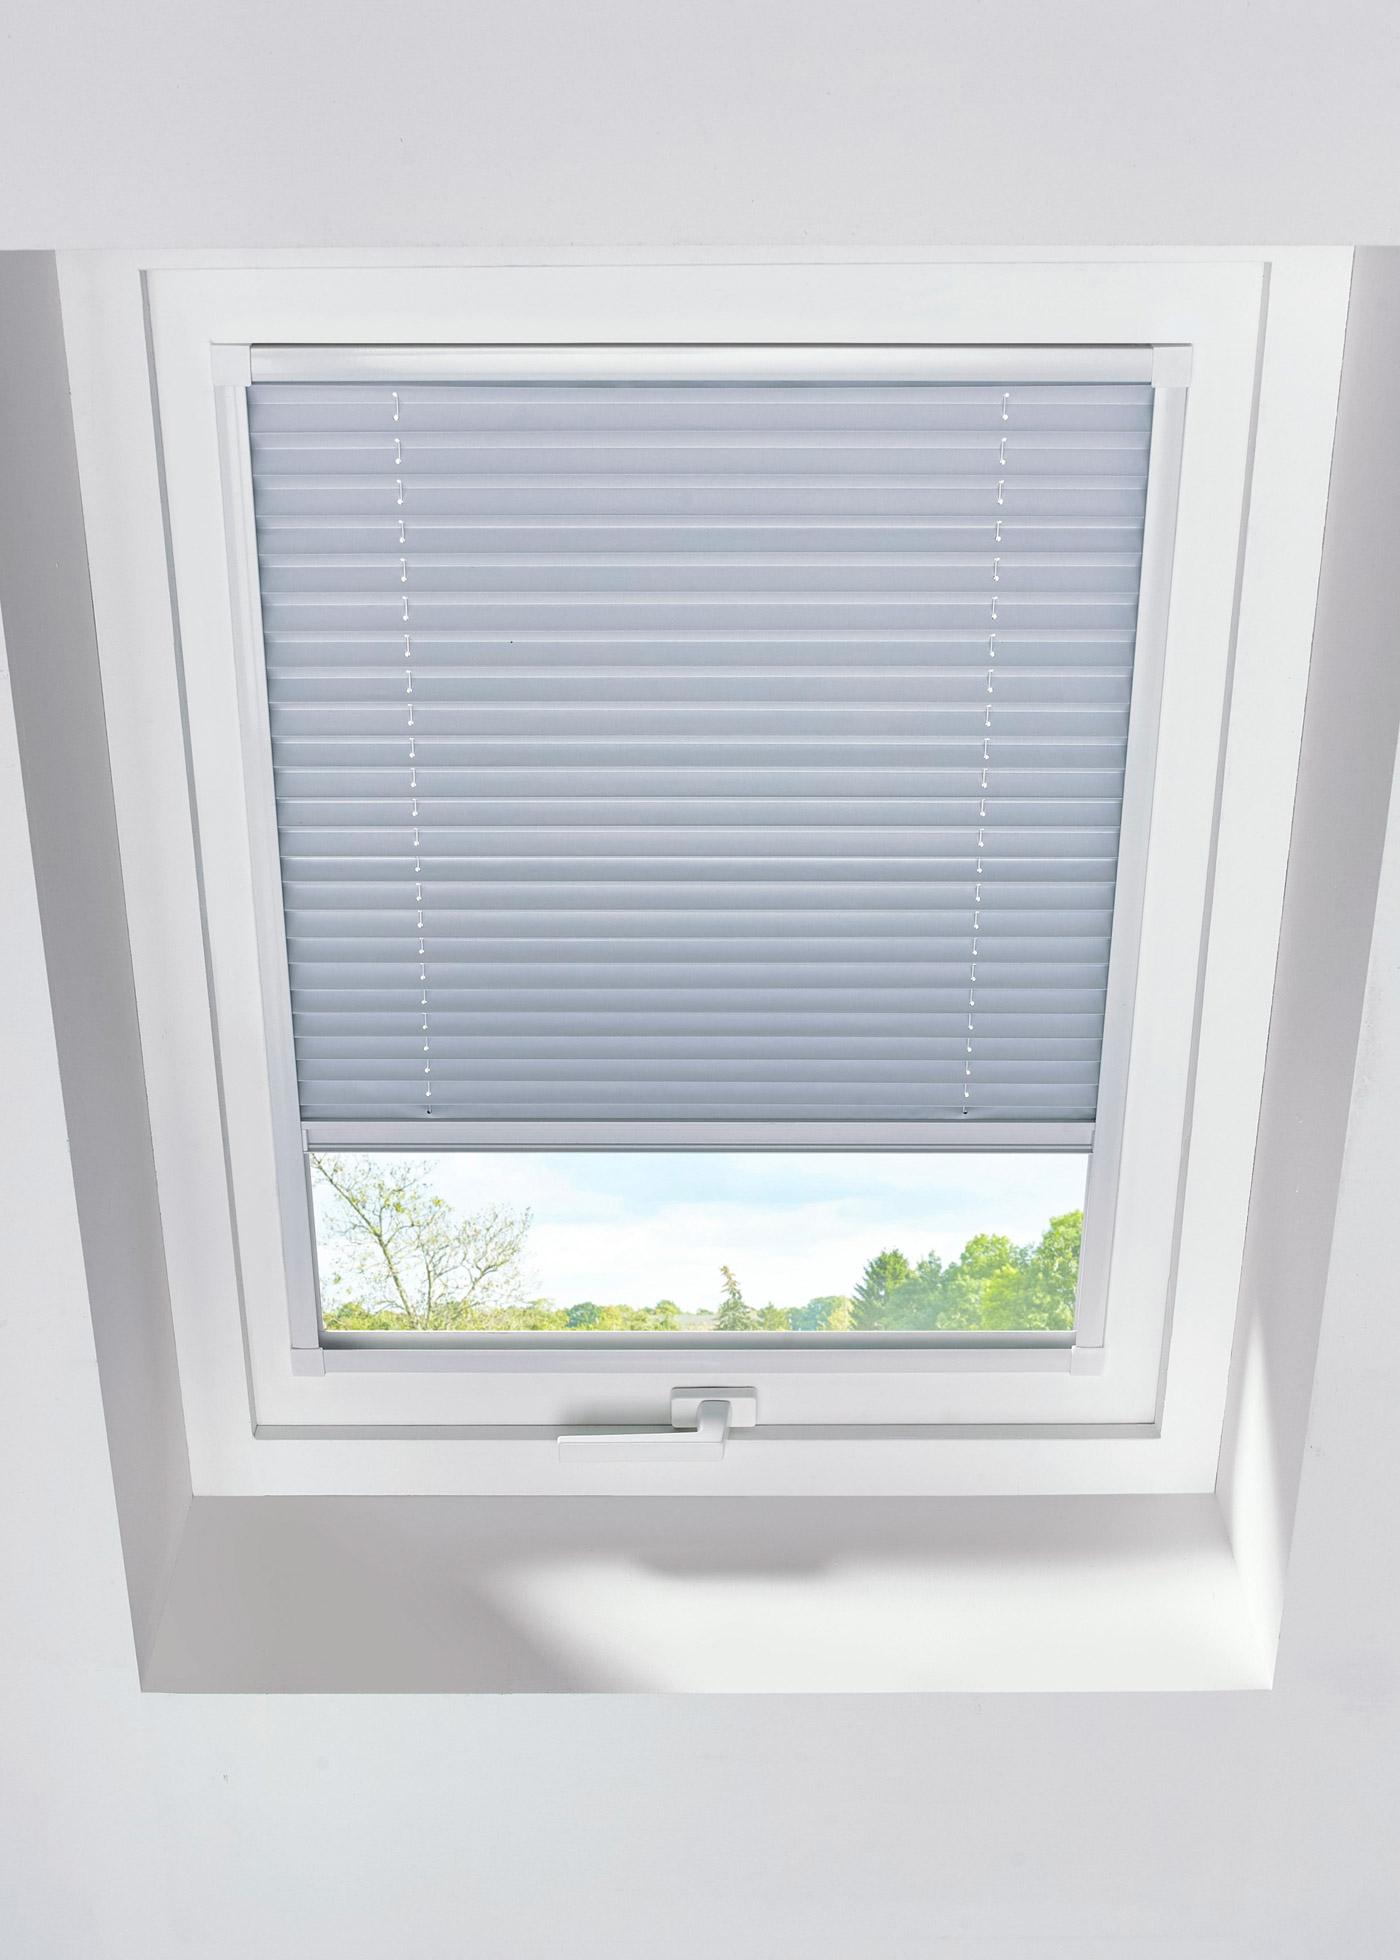 Dachfenster-Wabenplissee-Verdunkelung in braun von bonprix